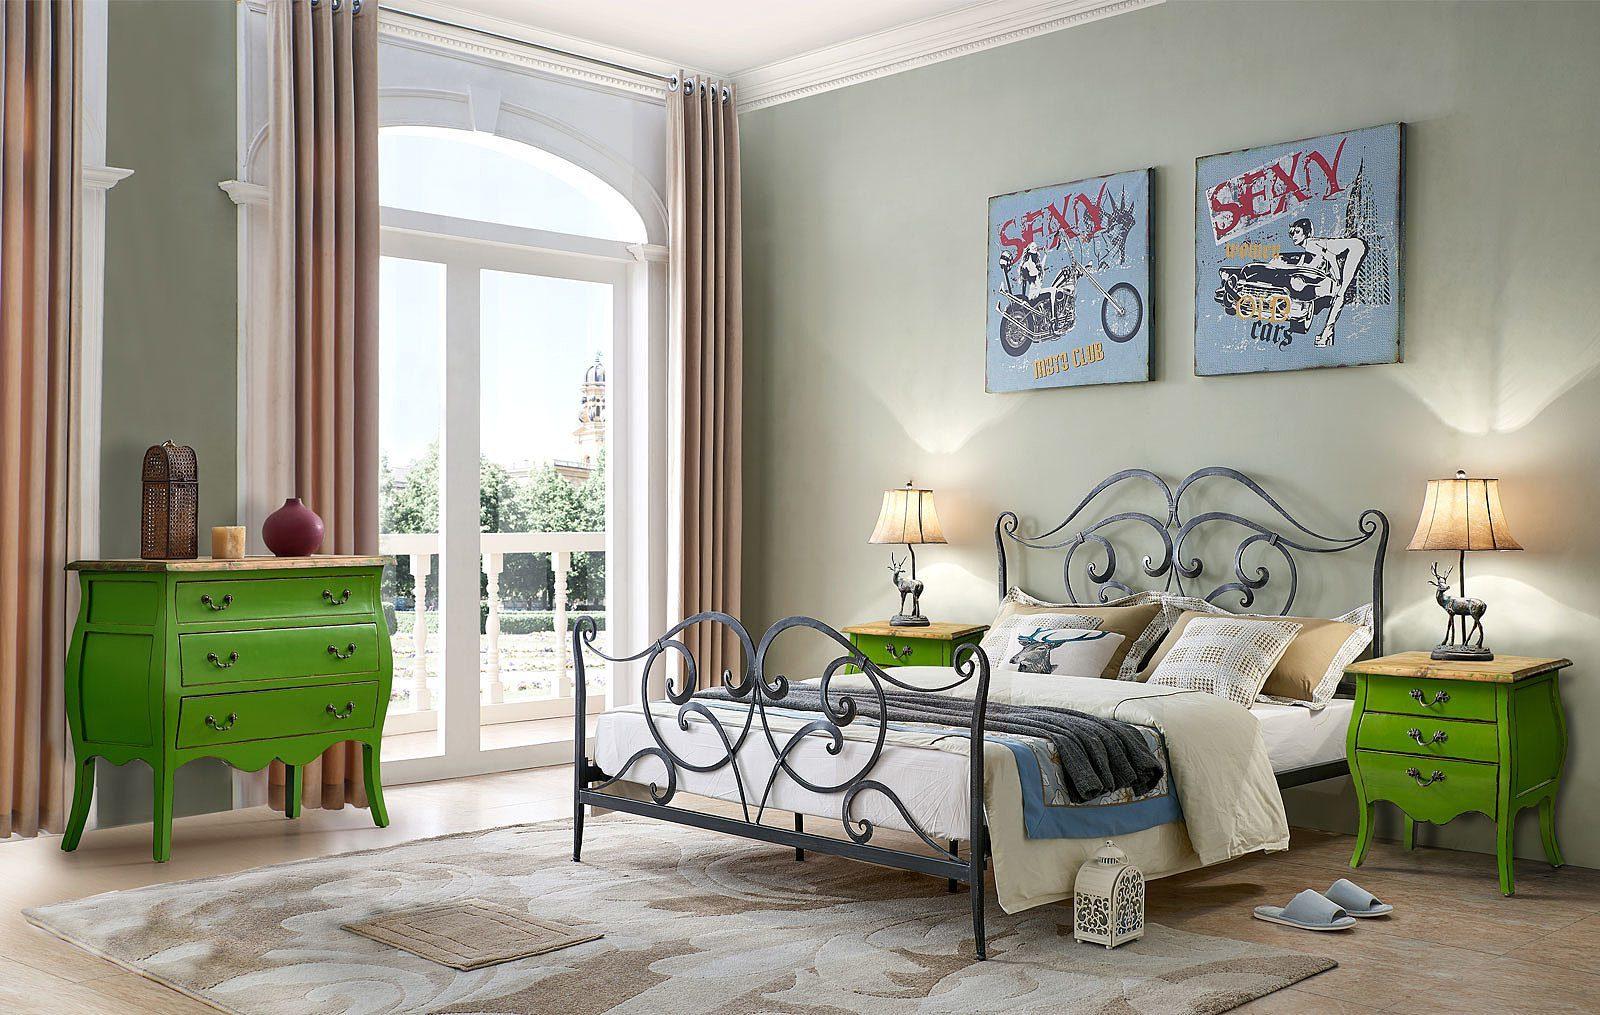 Кровать ESF TDF06009 черная с серым, Тумбочка прикроватная ESF FL 4015 зеленая, Комод горизонтальный FL-4022 зеленый